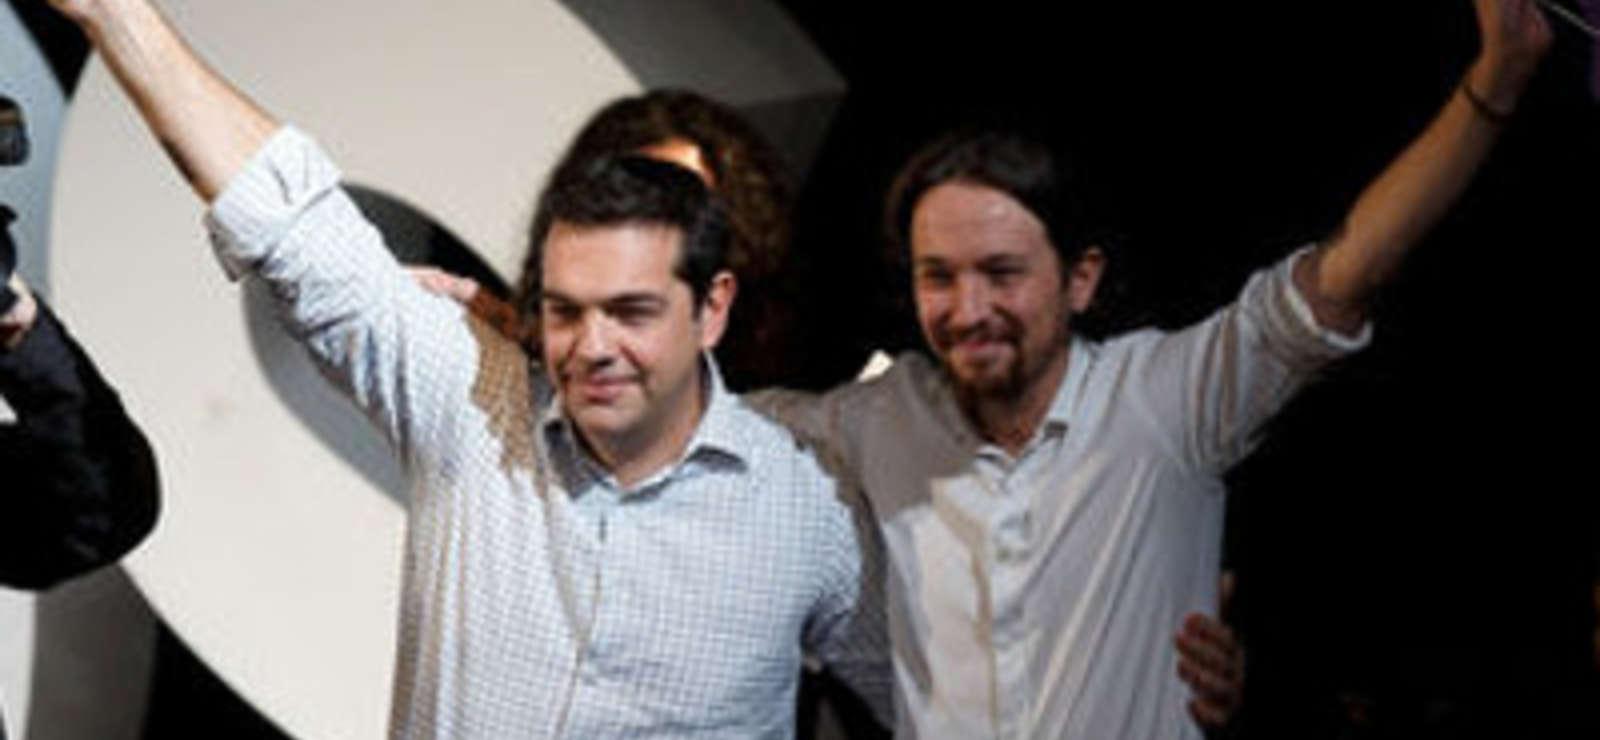 Échec de l'élection présidentielle grecque : porte ouverte pour Syriza en 2015 !